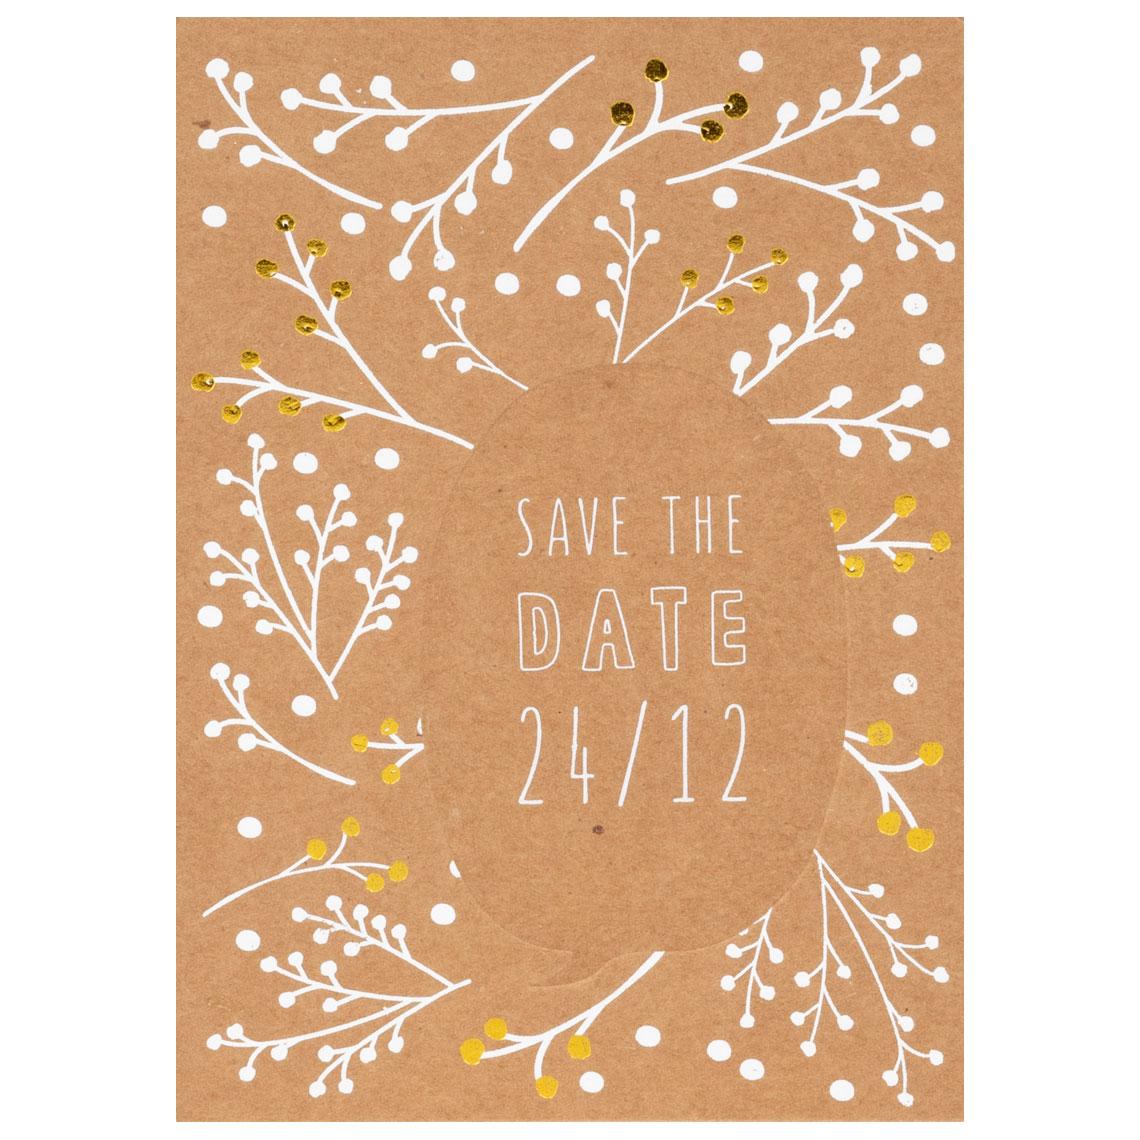 """Sprechblasenpostkarte """"Save the date"""" - räder (Xmas)"""